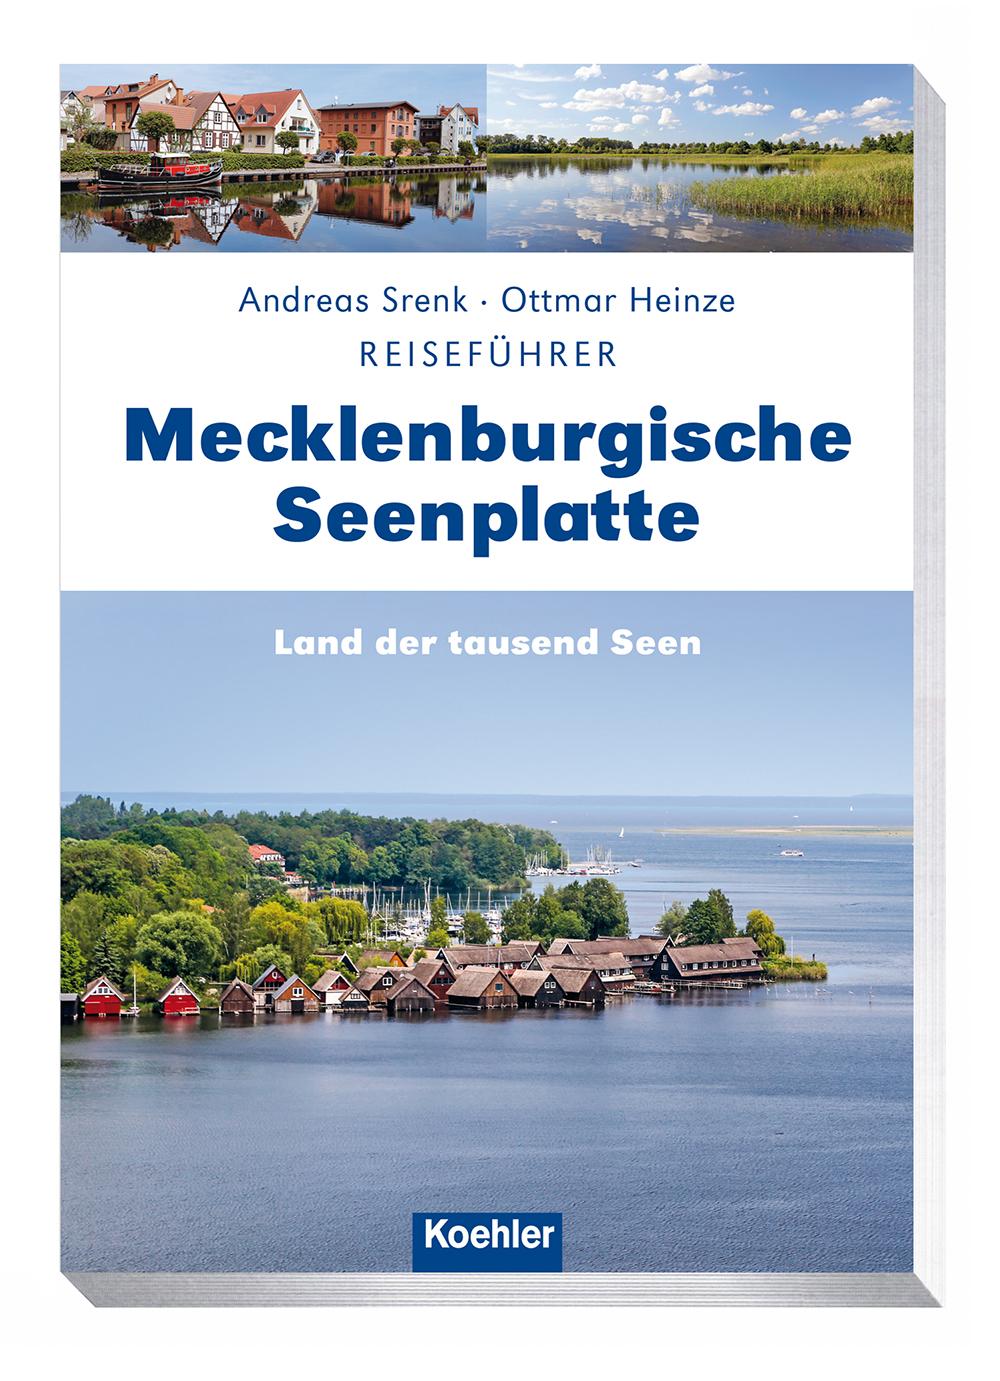 Reiseführer Mecklenburgische Seenplatte - Land der tausend Seen Andreas Srenk Ottmar Heinze